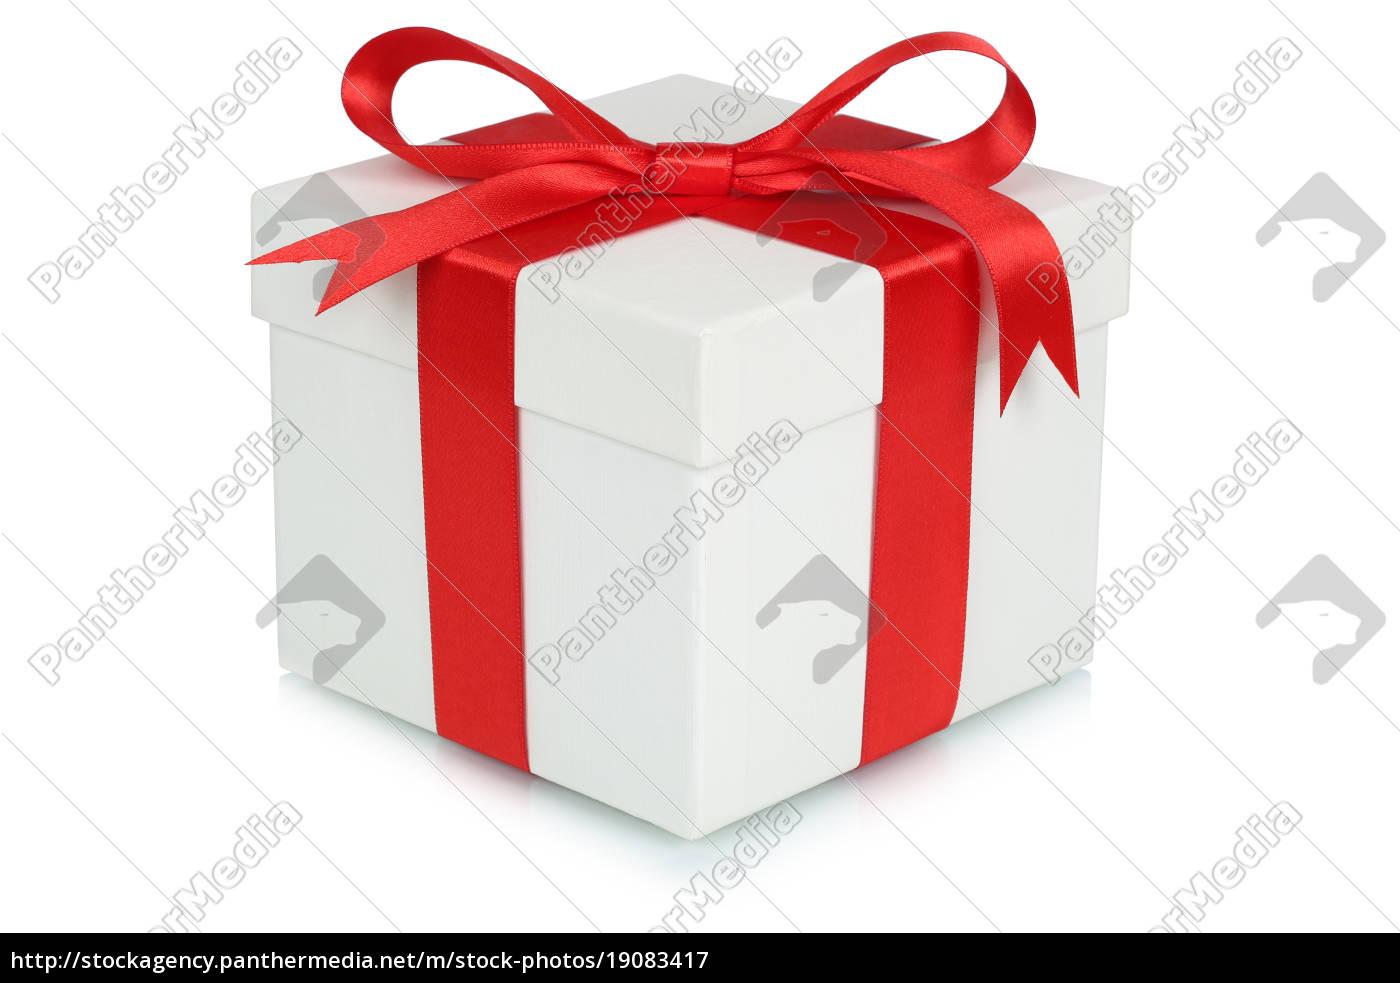 geschenk schleife weihnachtsgeschenk geschenke stockfoto. Black Bedroom Furniture Sets. Home Design Ideas